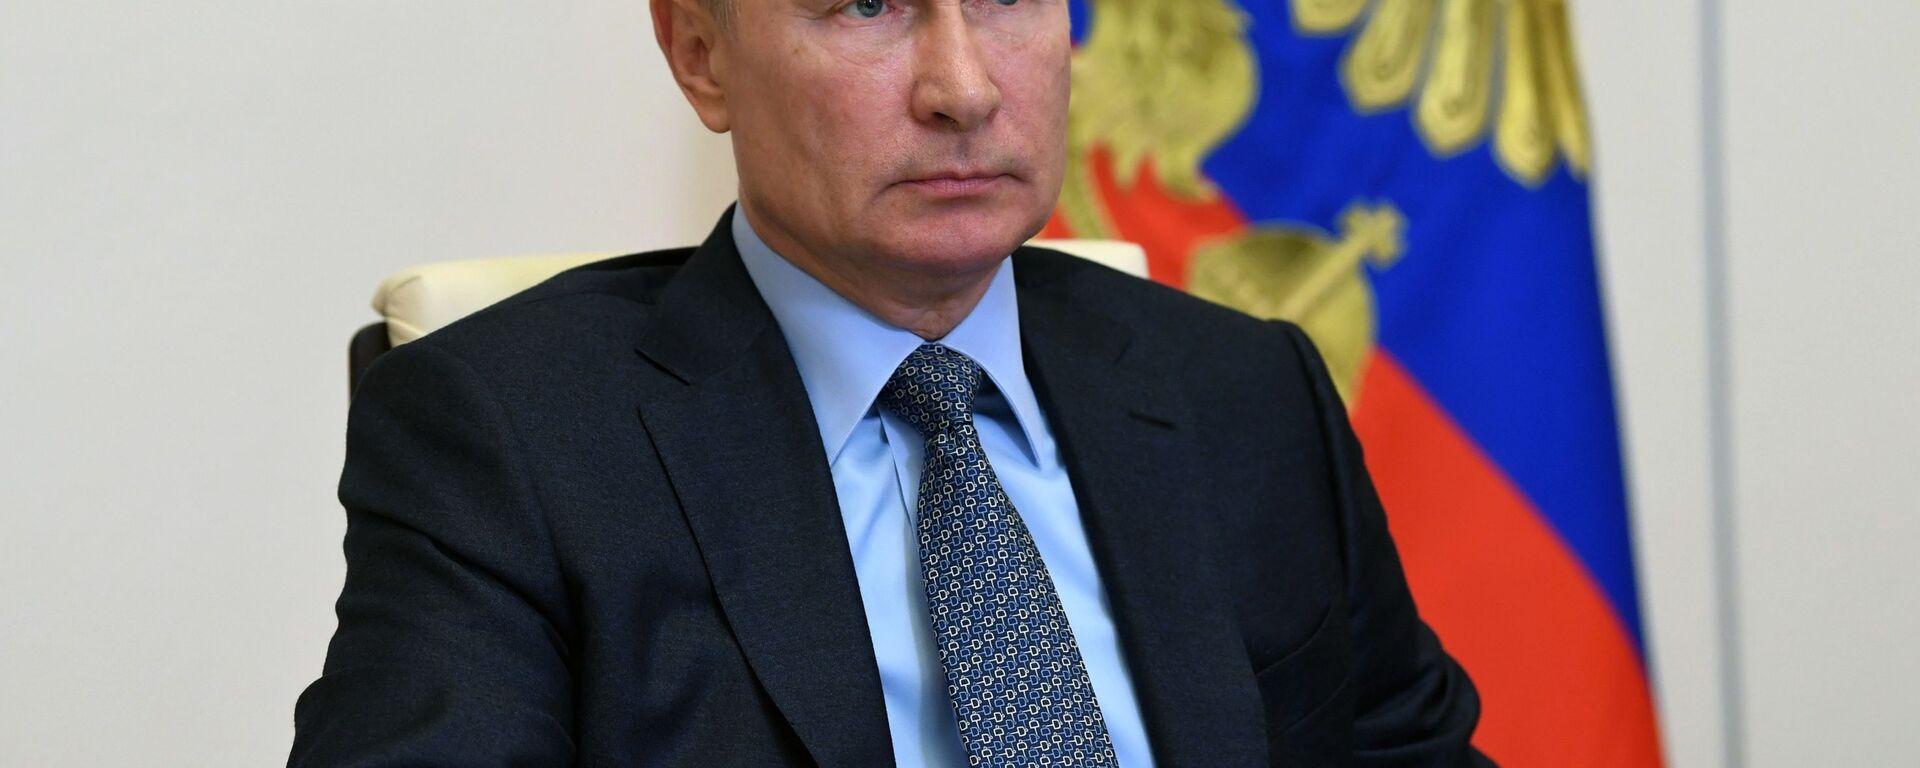 Президент РФ В. Путин провел совещание о реализации мер поддержки экономики и социальной сферы - Sputnik Латвия, 1920, 20.11.2020